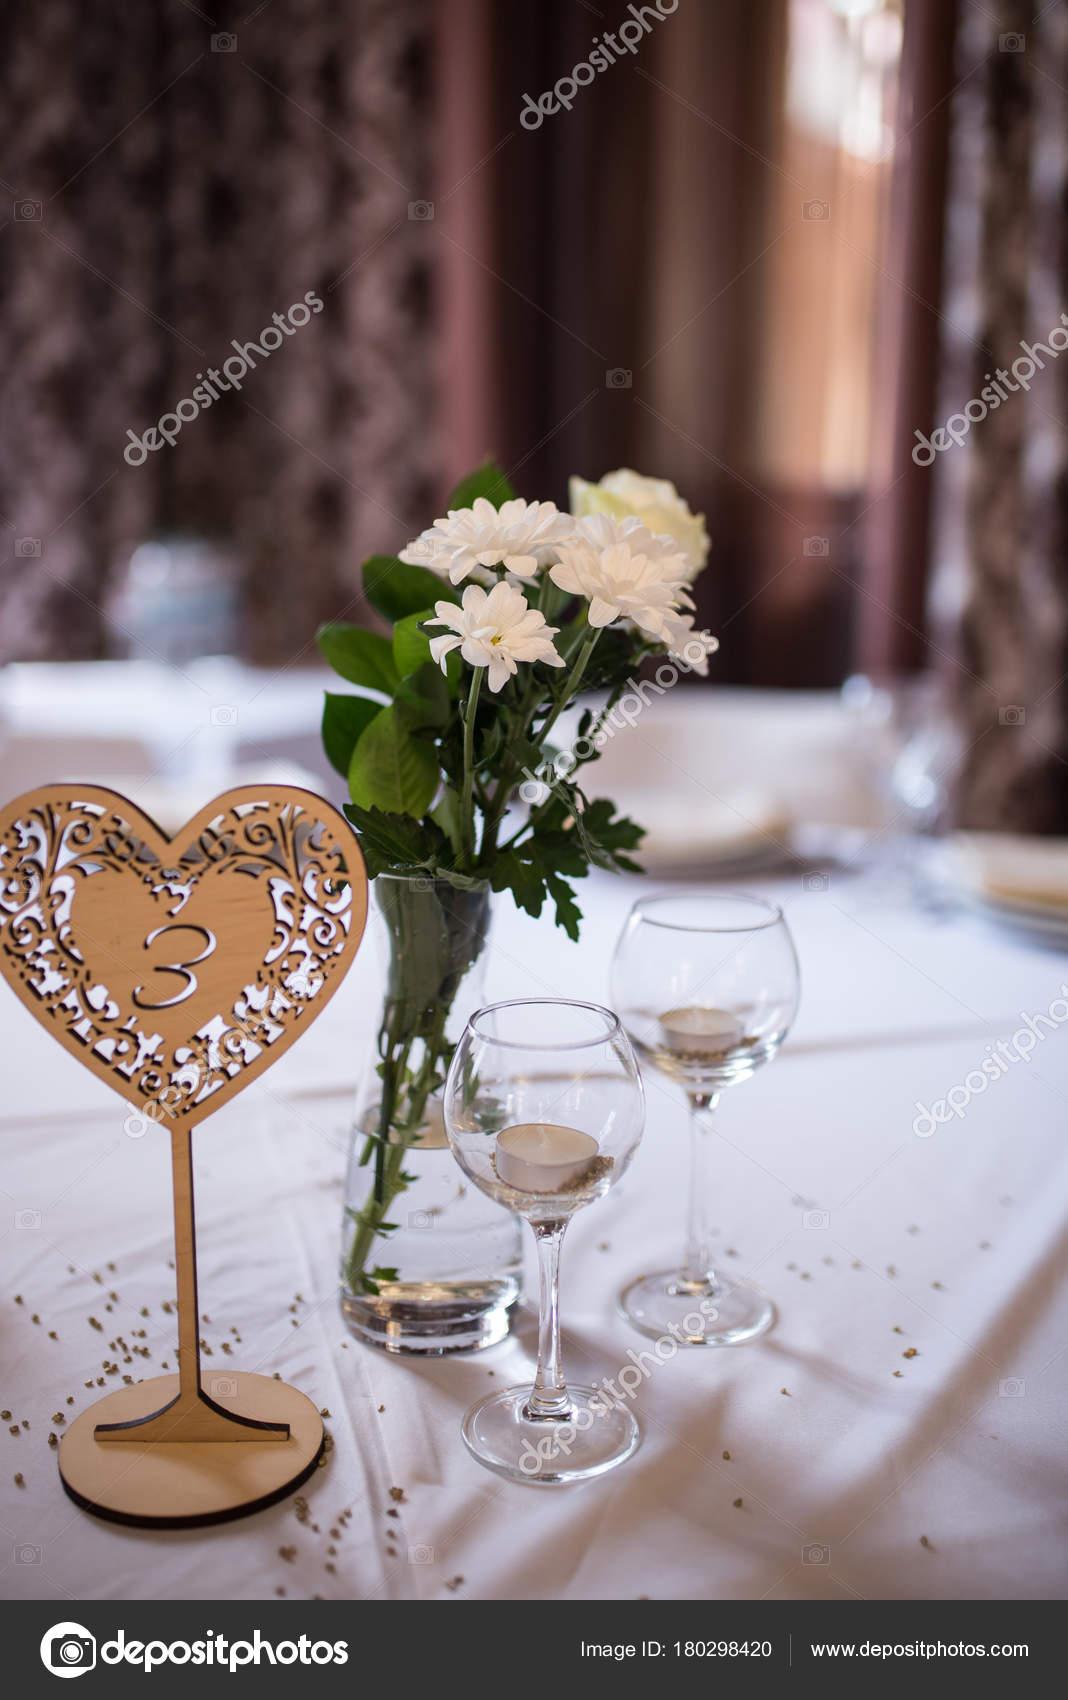 Hochzeit Dekoration Kerzen Glasern Weisse Blumen Der Vase Hochzeit